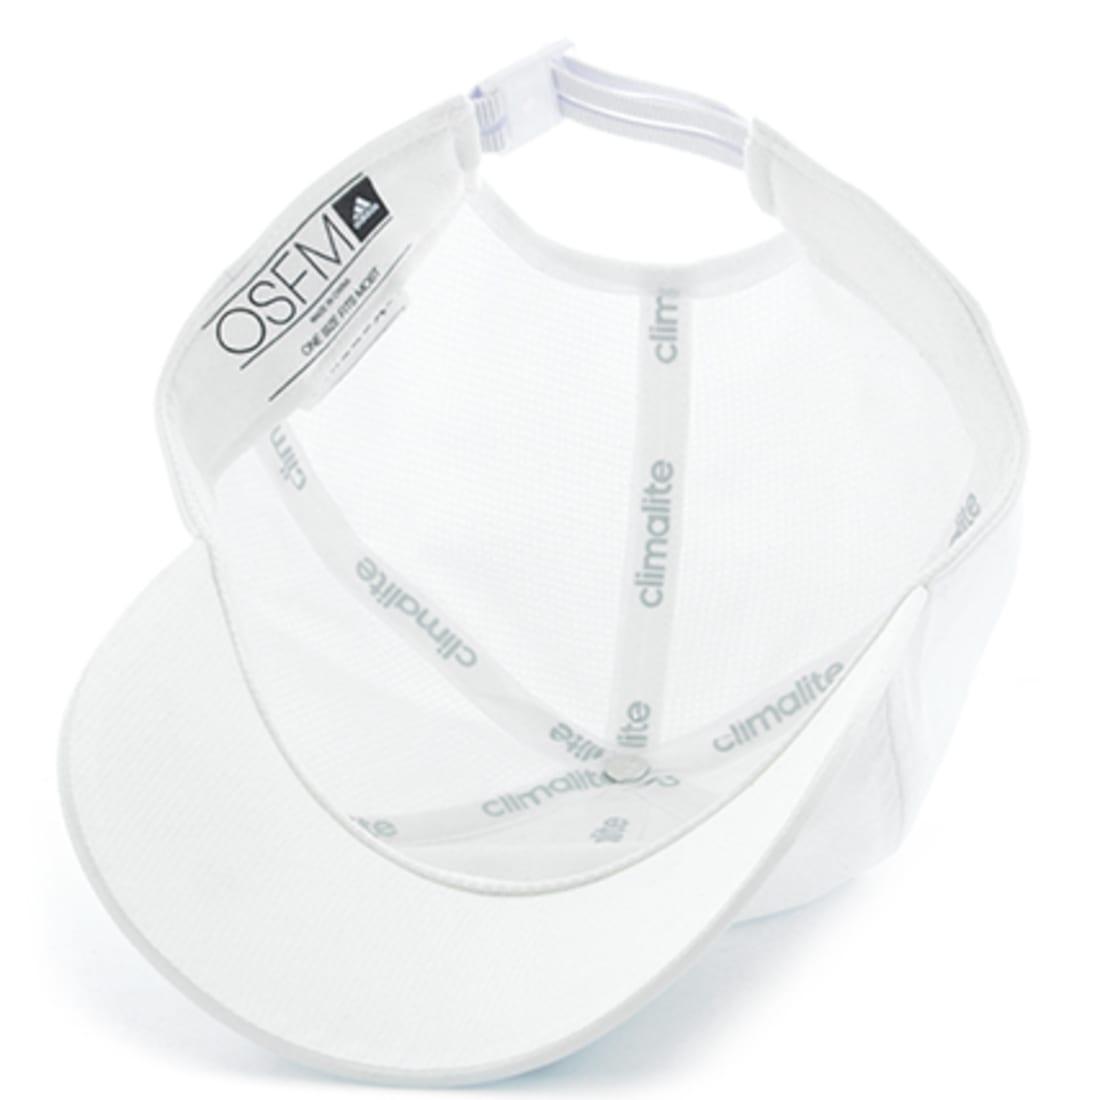 adidas Casquette 3 Stripes Climalite S97596 Blanc Noir